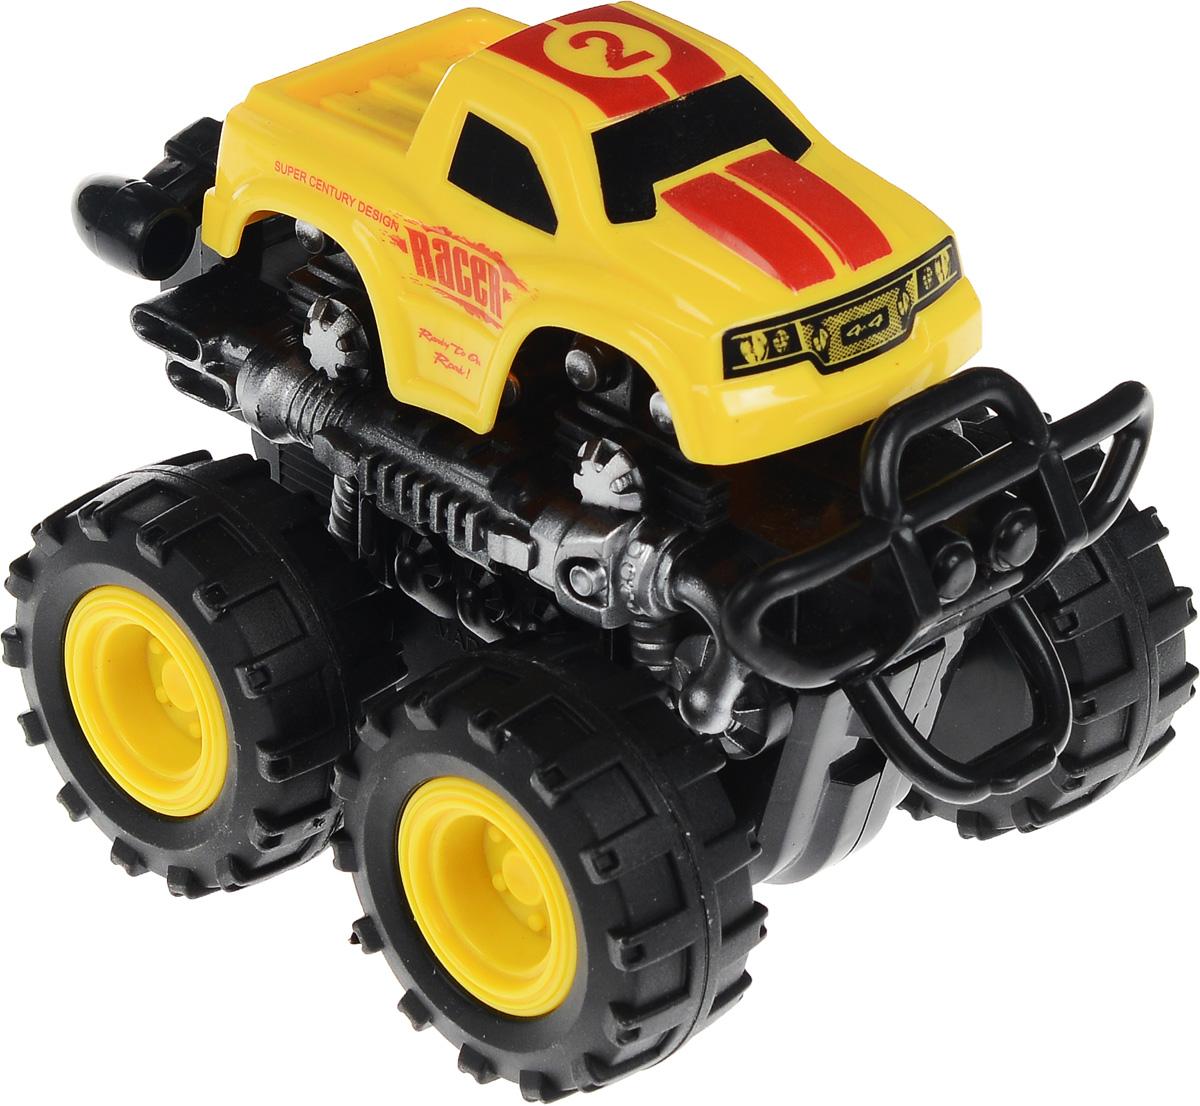 Big Motors Машинка инерционная 4 WD цвет желтый №2806B_желтый №2Инерционная машинка Big Motors 4WD станет любимой игрушкой вашего малыша. Игрушка представляет собой внедорожник с большими ребристыми колесами. Машинка оснащена инерционным механизмом. Достаточно немного подтолкнуть машинку вперед или назад, а затем отпустить, и она сама поедет в ту же сторону. Ваш ребенок будет часами играть с этой машинкой, придумывая различные истории. Порадуйте его таким замечательным подарком!